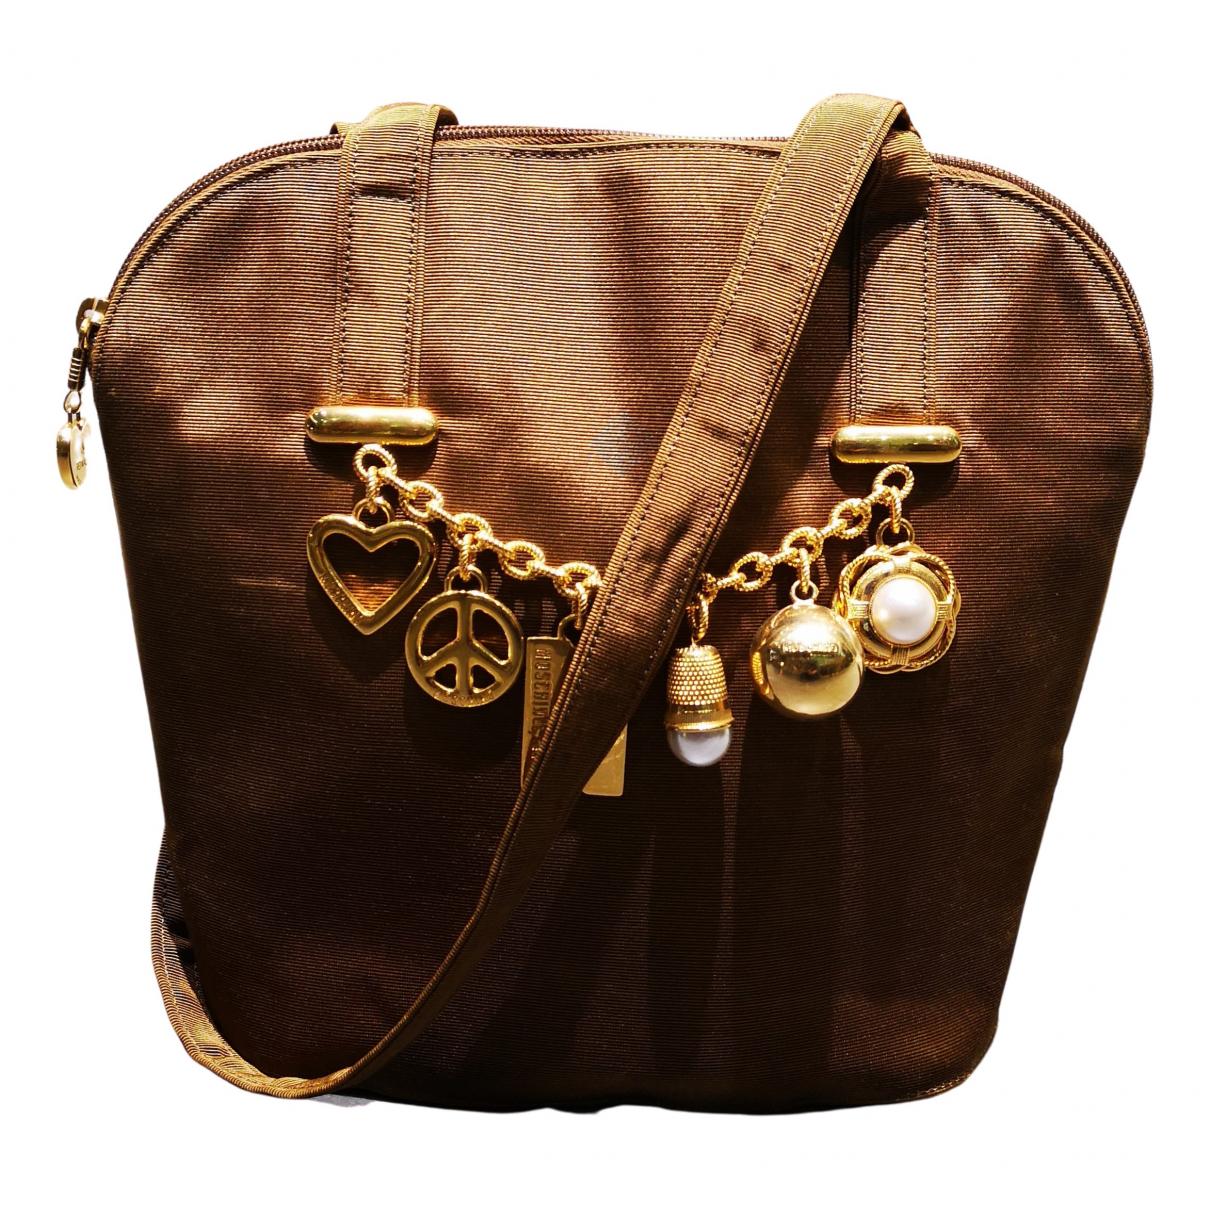 Moschino \N Handtasche in  Kamel Leinen